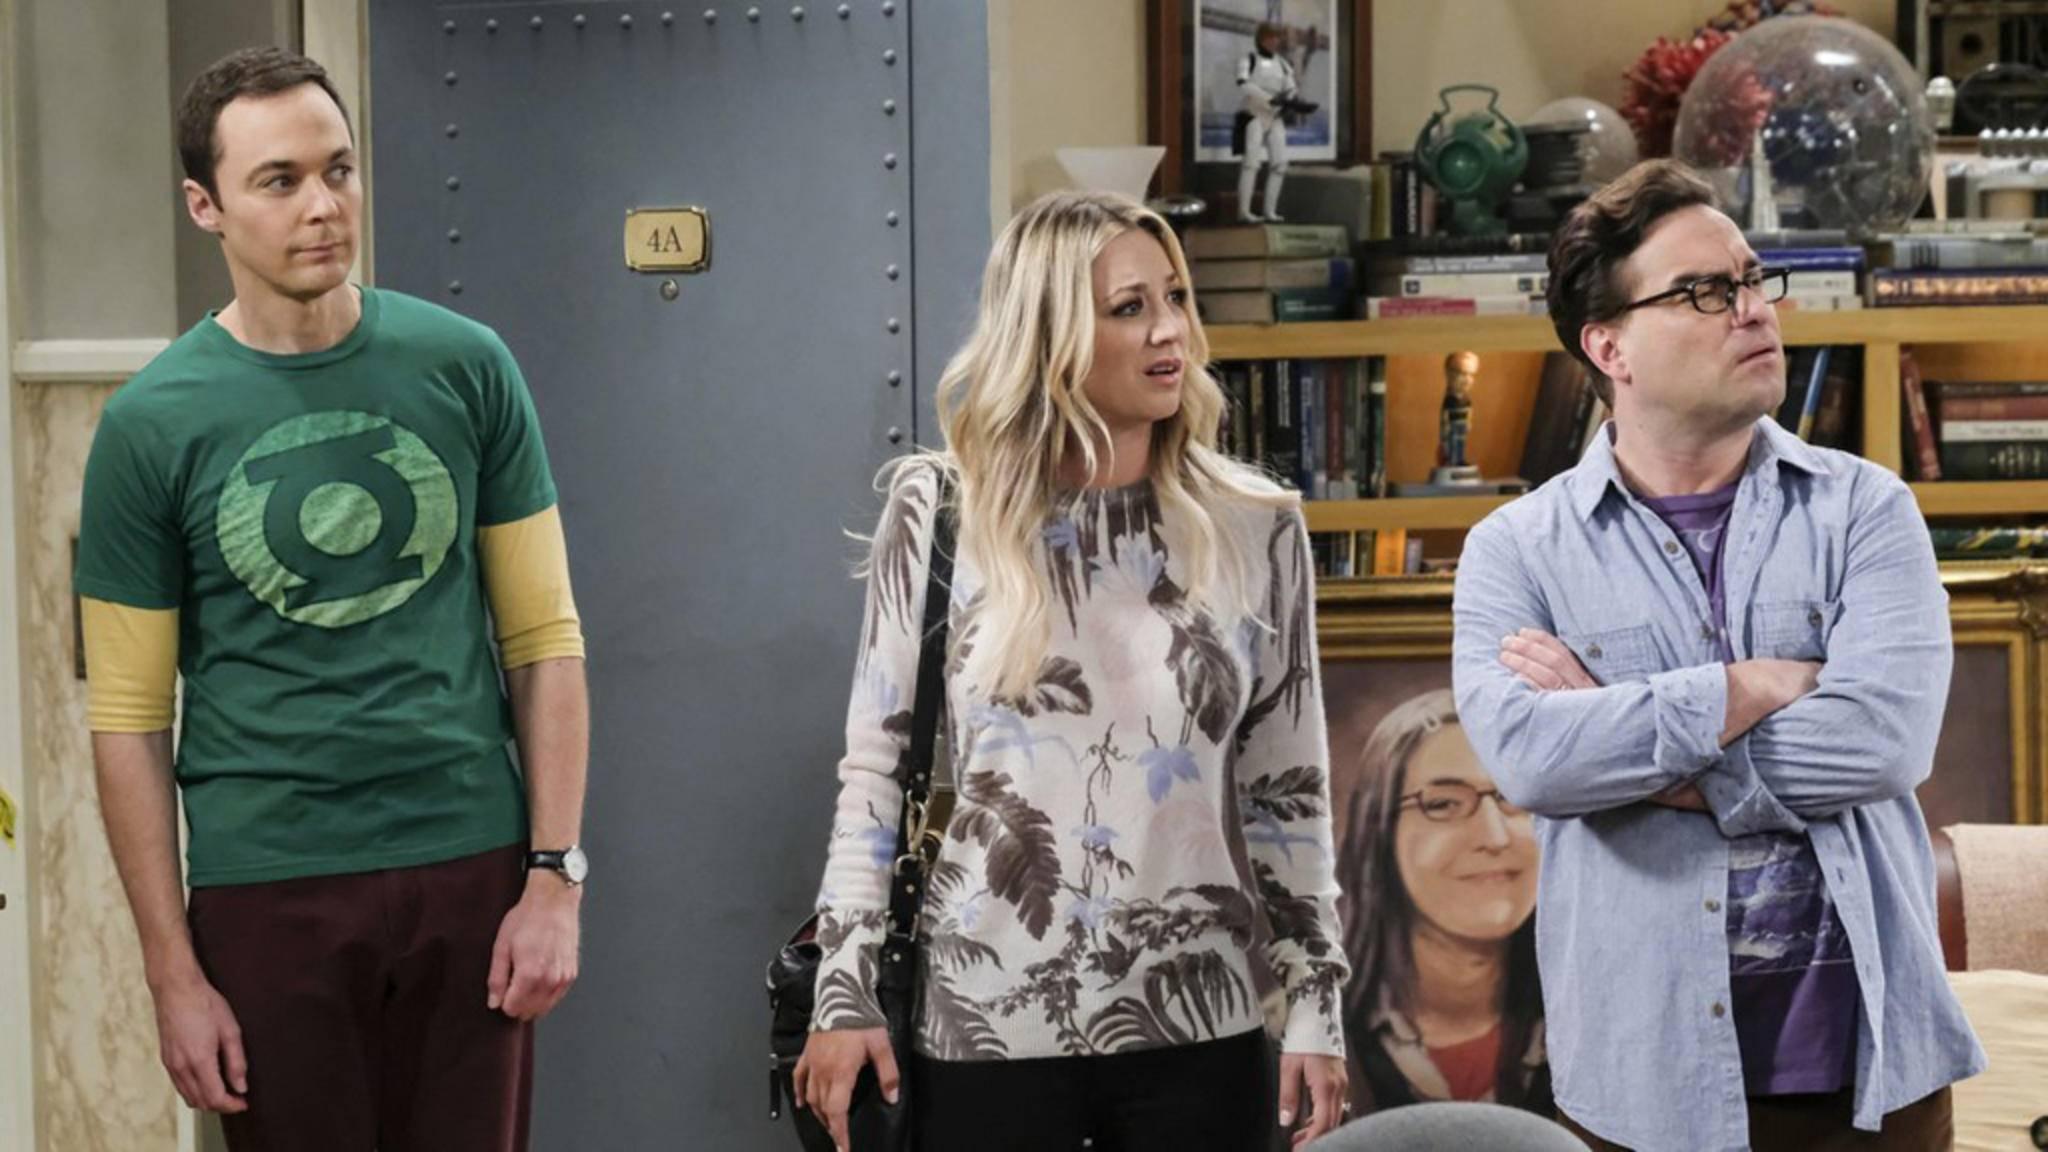 Sheldon (links) und Leonard (rechts) ohne die Powerblondine Penny (Mitte)? Zum Glück holten die Macher der Serie Kaley Cuoco gerade noch rechtzeitig an Bord.